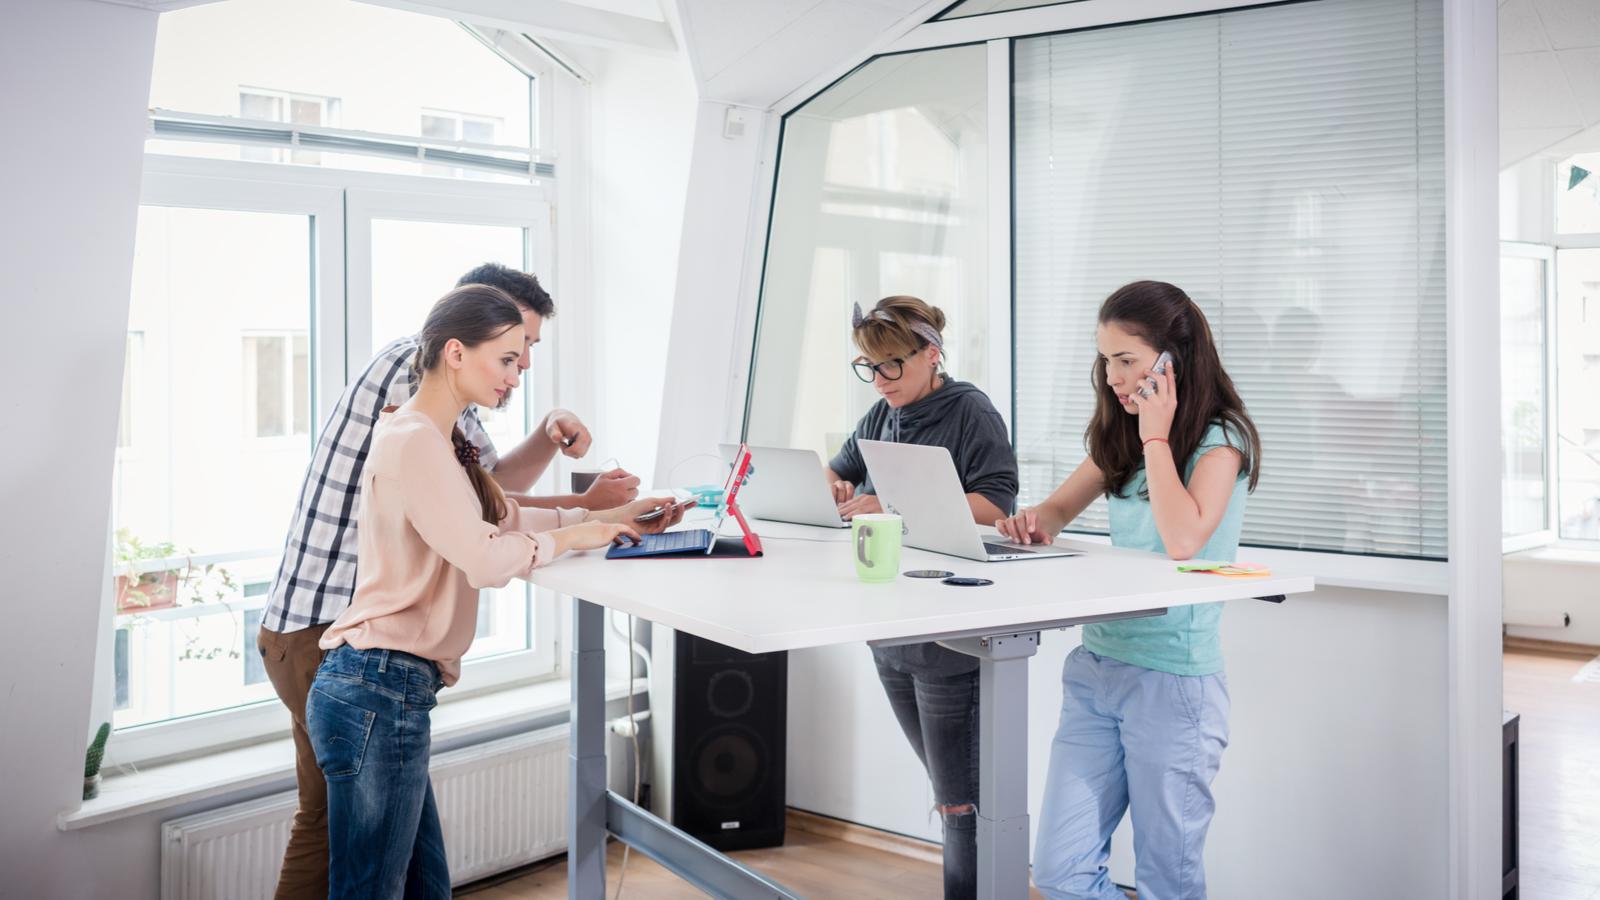 الزملاء المشغولون يستخدمون تقنية الهاتف المحمول أثناء مشاركة المكاتب في المساحات المكتبية الحديثة